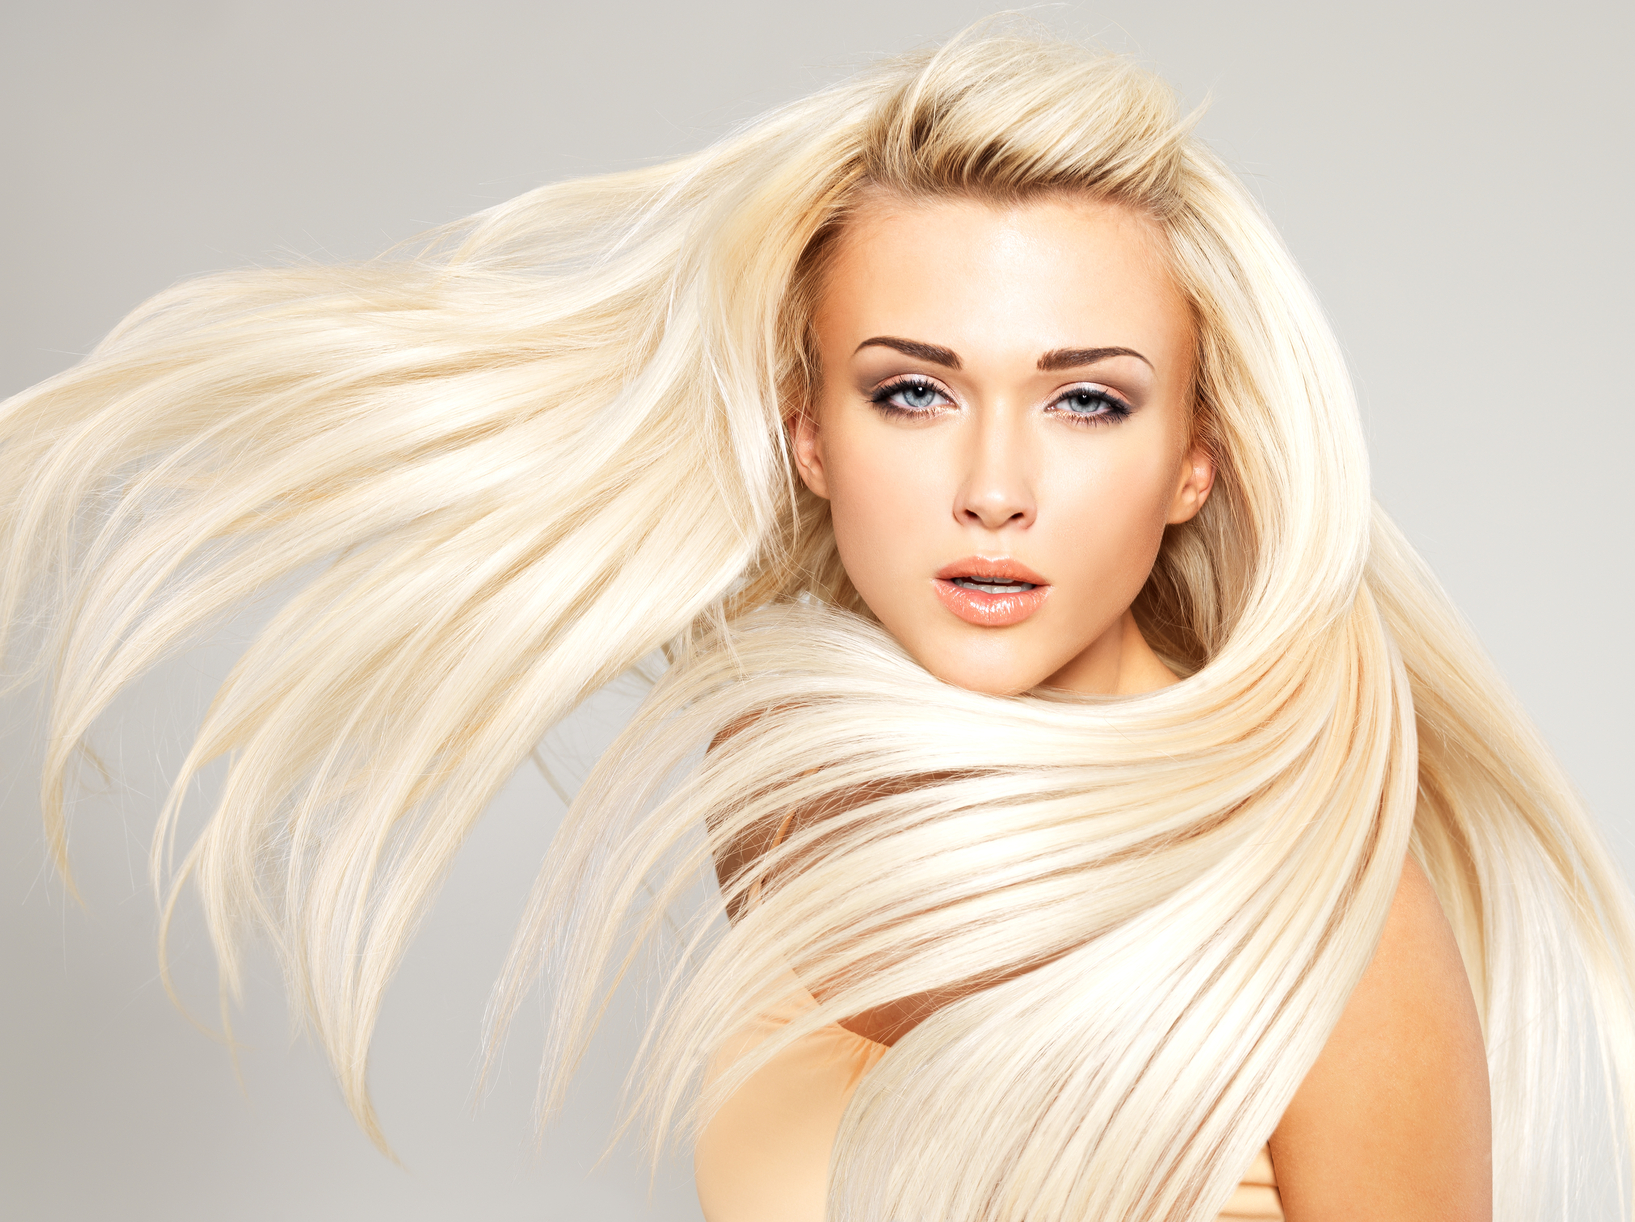 Мезотерапия волос в Одессе — мезотерапия для волос и кожи головы | ARISTO